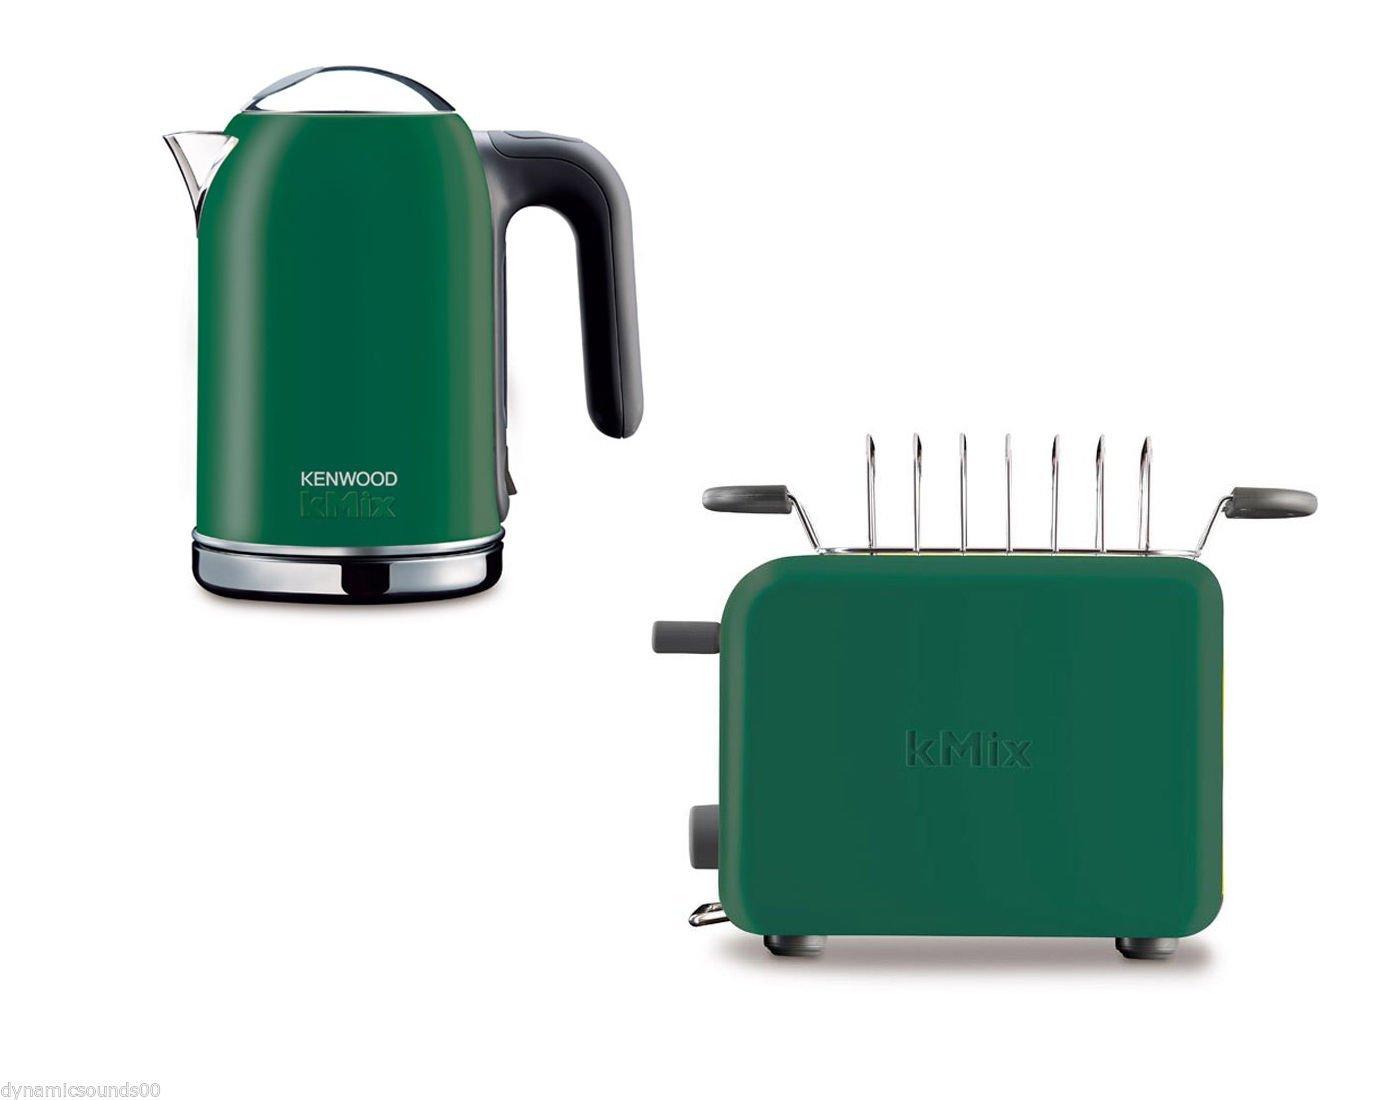 kenwood ttm085 4 scheiben toaster sjm085 1 6l. Black Bedroom Furniture Sets. Home Design Ideas